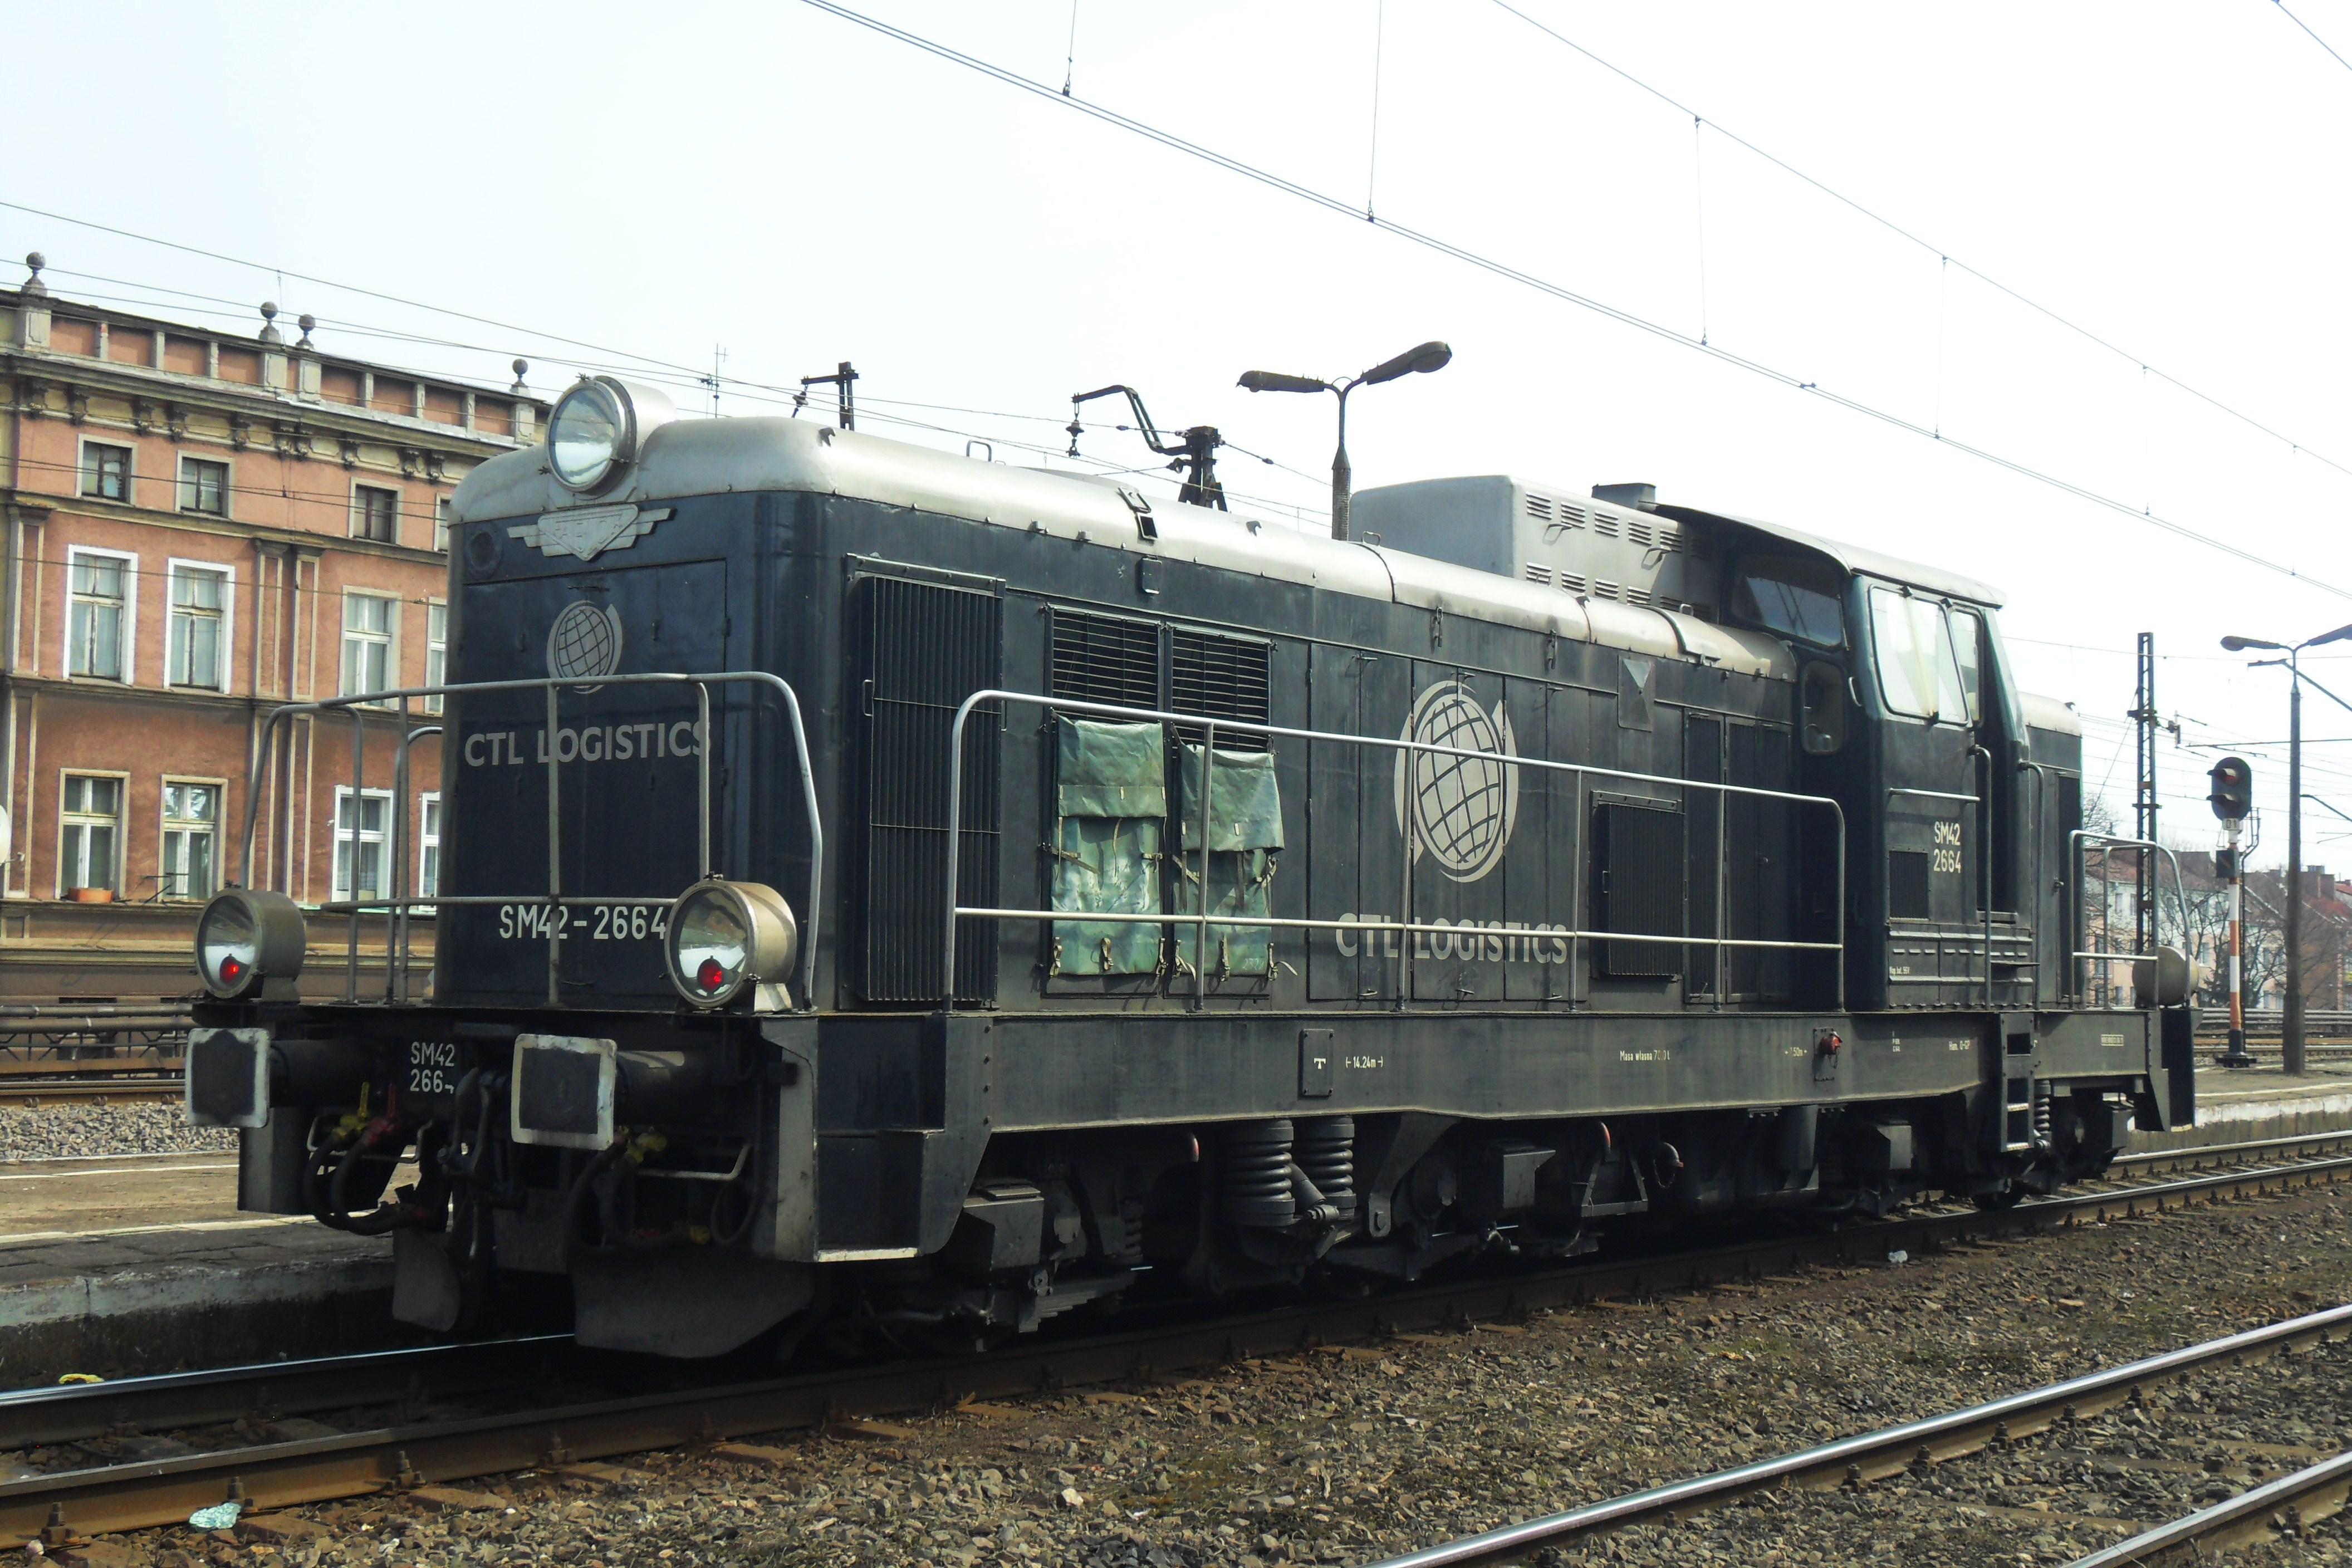 File:Gdańsk Wrzeszcz SM42 2664 CTL LOGISTICS.JPG